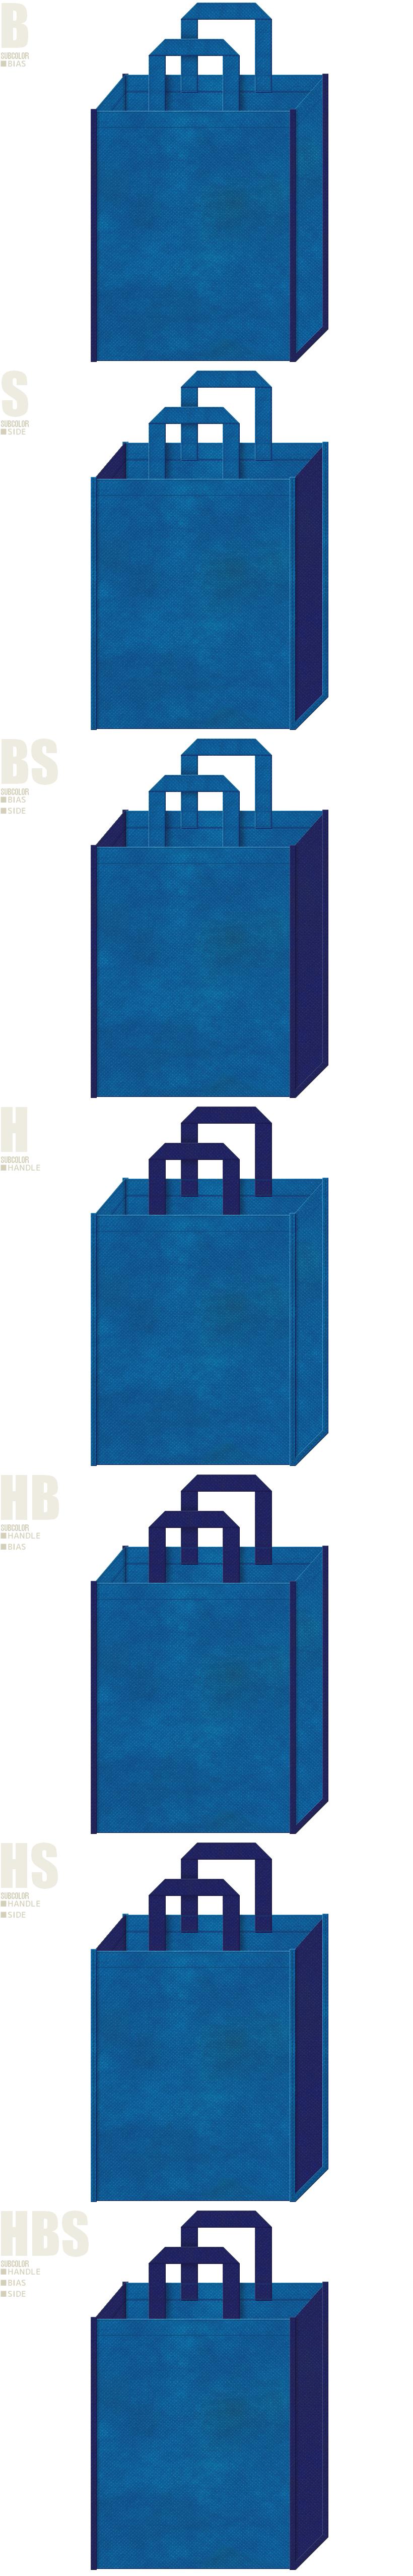 青色と明るめの紺色-7パターンの不織布トートバッグ配色デザイン例-サブマリン、深海イメージの不織布バッグにお奨めです。